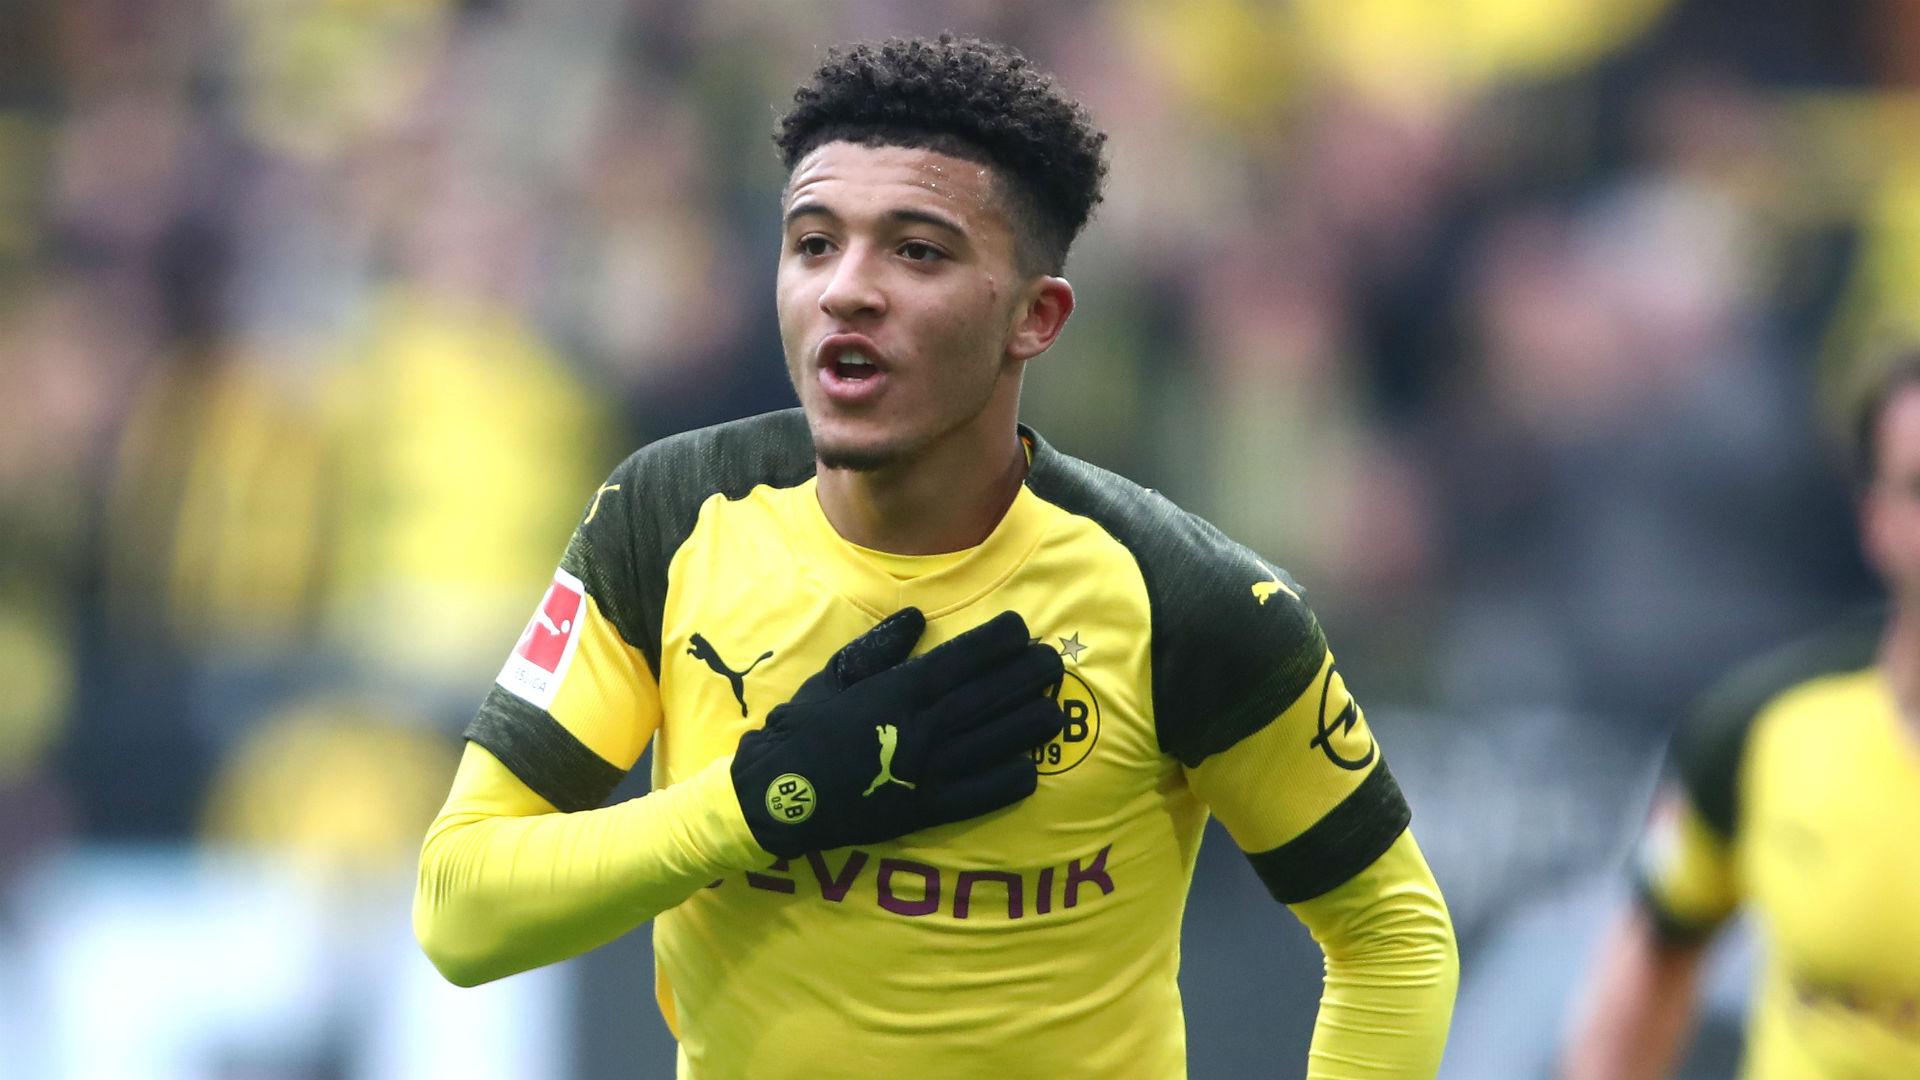 Vì sao Dortmund từ chối ra giá bán Sancho cho Man Utd? - Bóng Đá